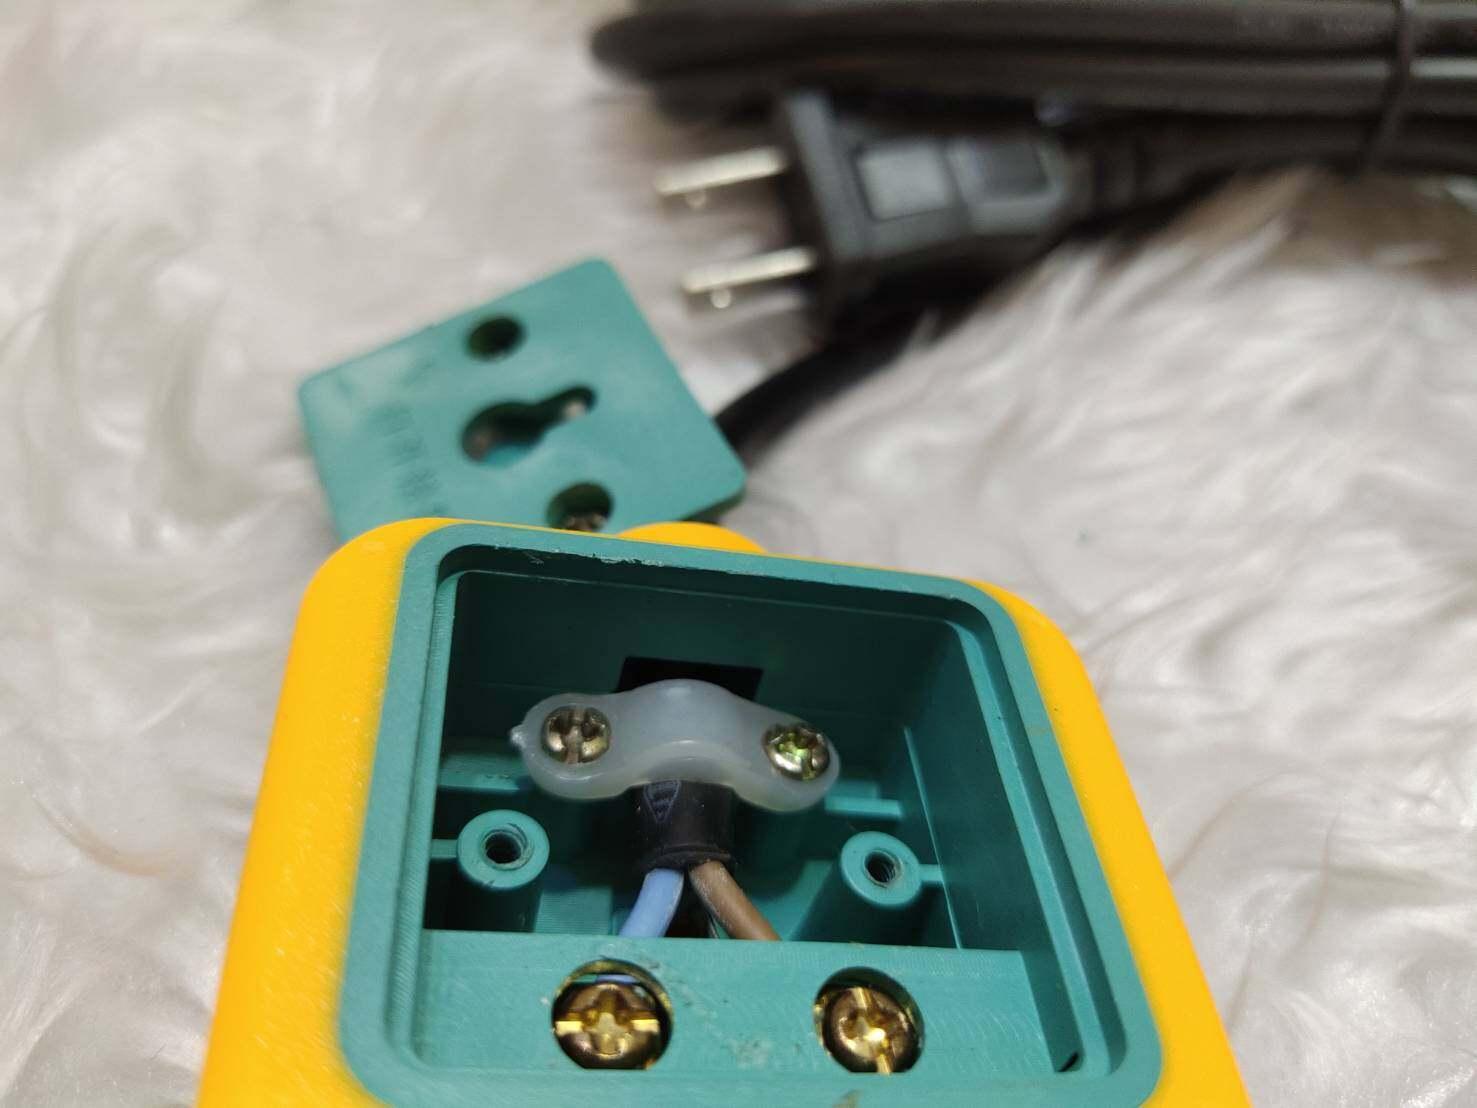 ปลั๊กรางไฟ 5500W 250V 16A มีฟิวซ์ ปลั๊กไฟ 3/4/6 ช่อง ปลั๊กพ่วงยาว 3/5/10 เมตร ปลัีกไฟมีสวิทซ์ ปลั๊กพ่วงมีมอก. รางปลั๊กไฟของแท้ 100% โรงงาน ราคาถูก